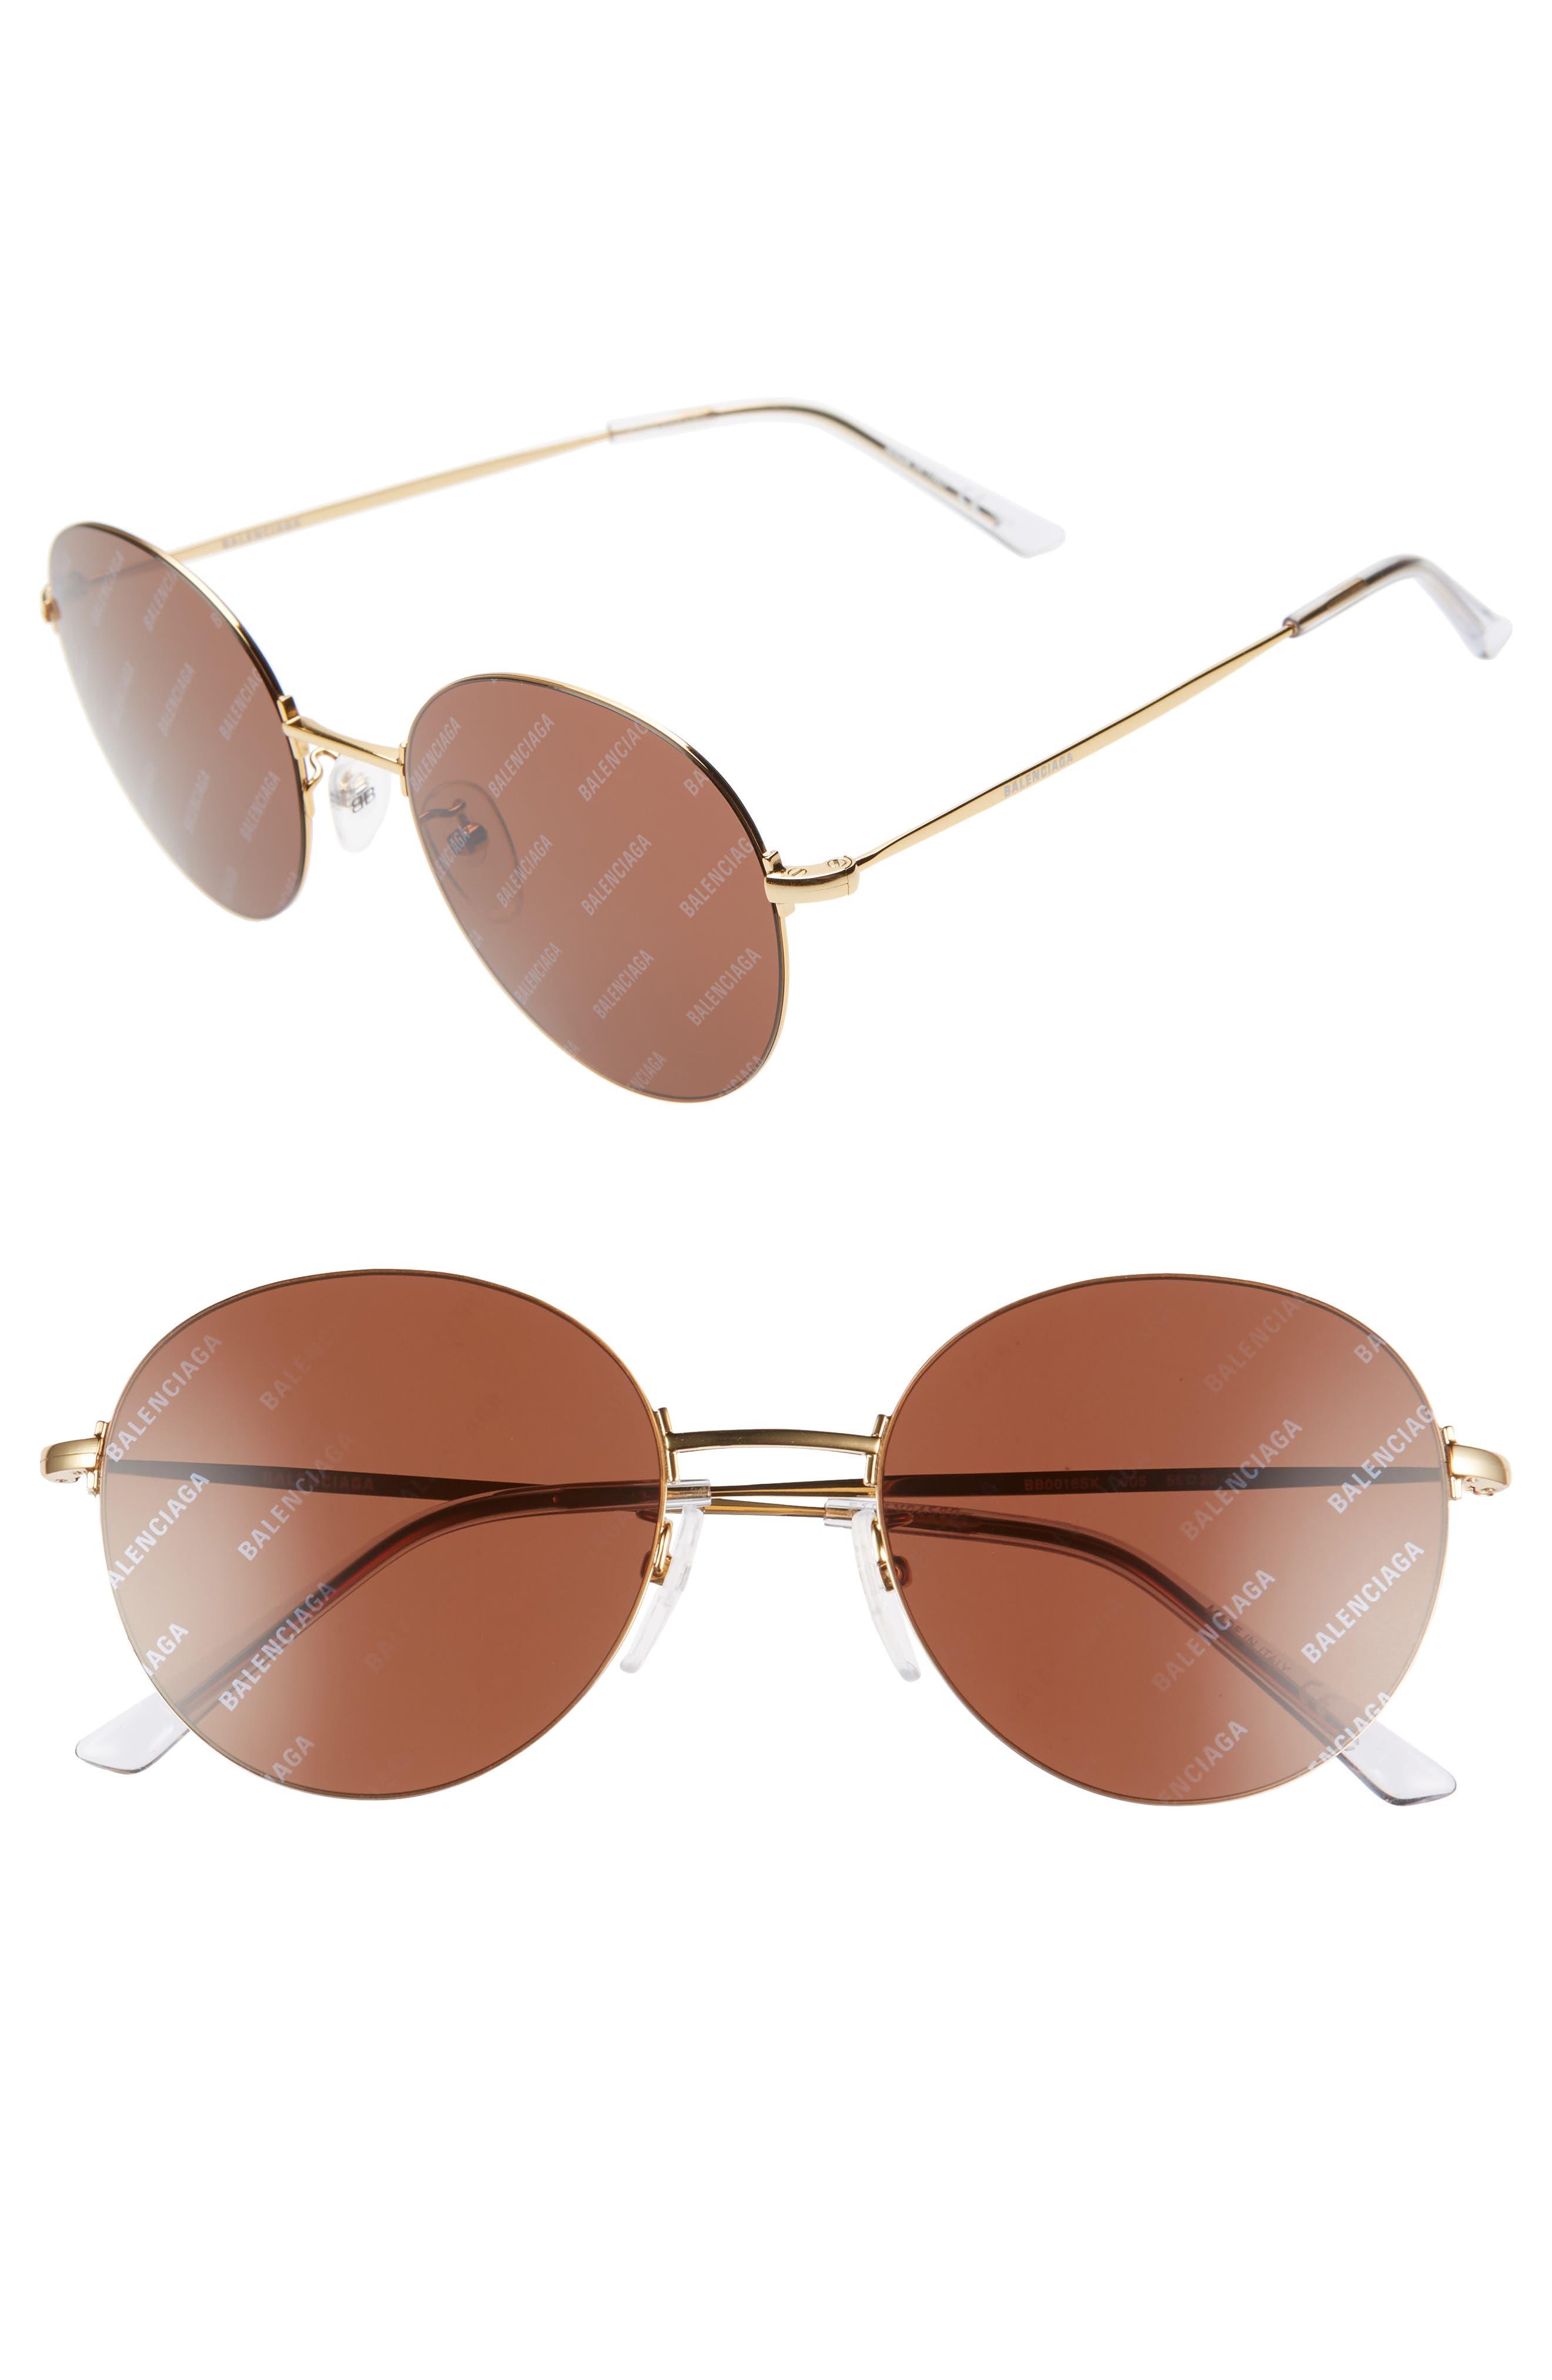 BALENCIAGA, 55mm Round Sunglasses, Main thumbnail 1, color, SHINY ENDURA GOLD/ BROWN